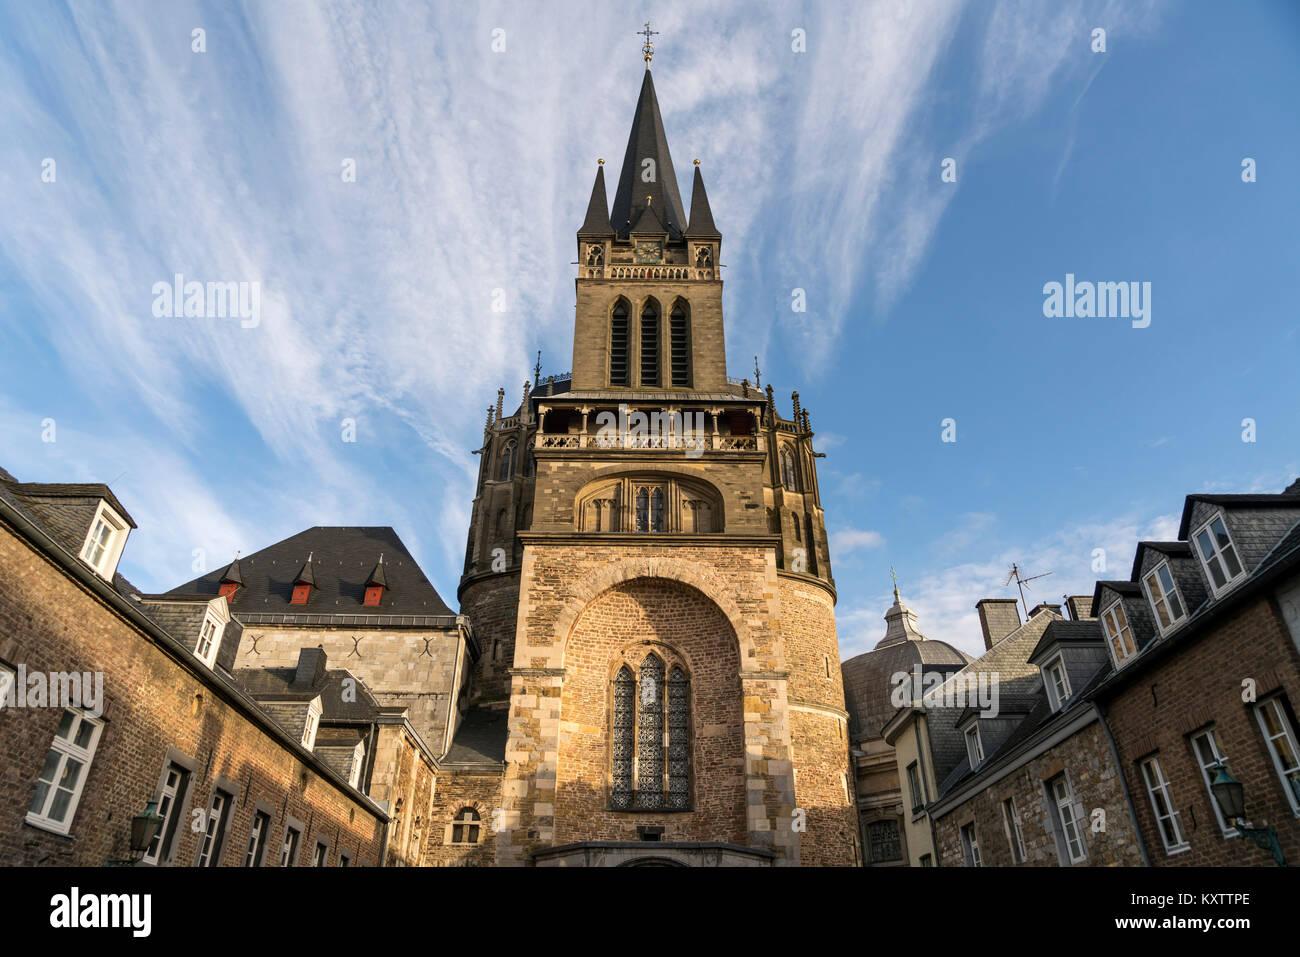 Aachener Dom, Aachen, Nordrhein-Westfalen, Deutschland |  Aachen Cathedral, Aachen , North Rhine-Westphalia, Germany, Stock Photo